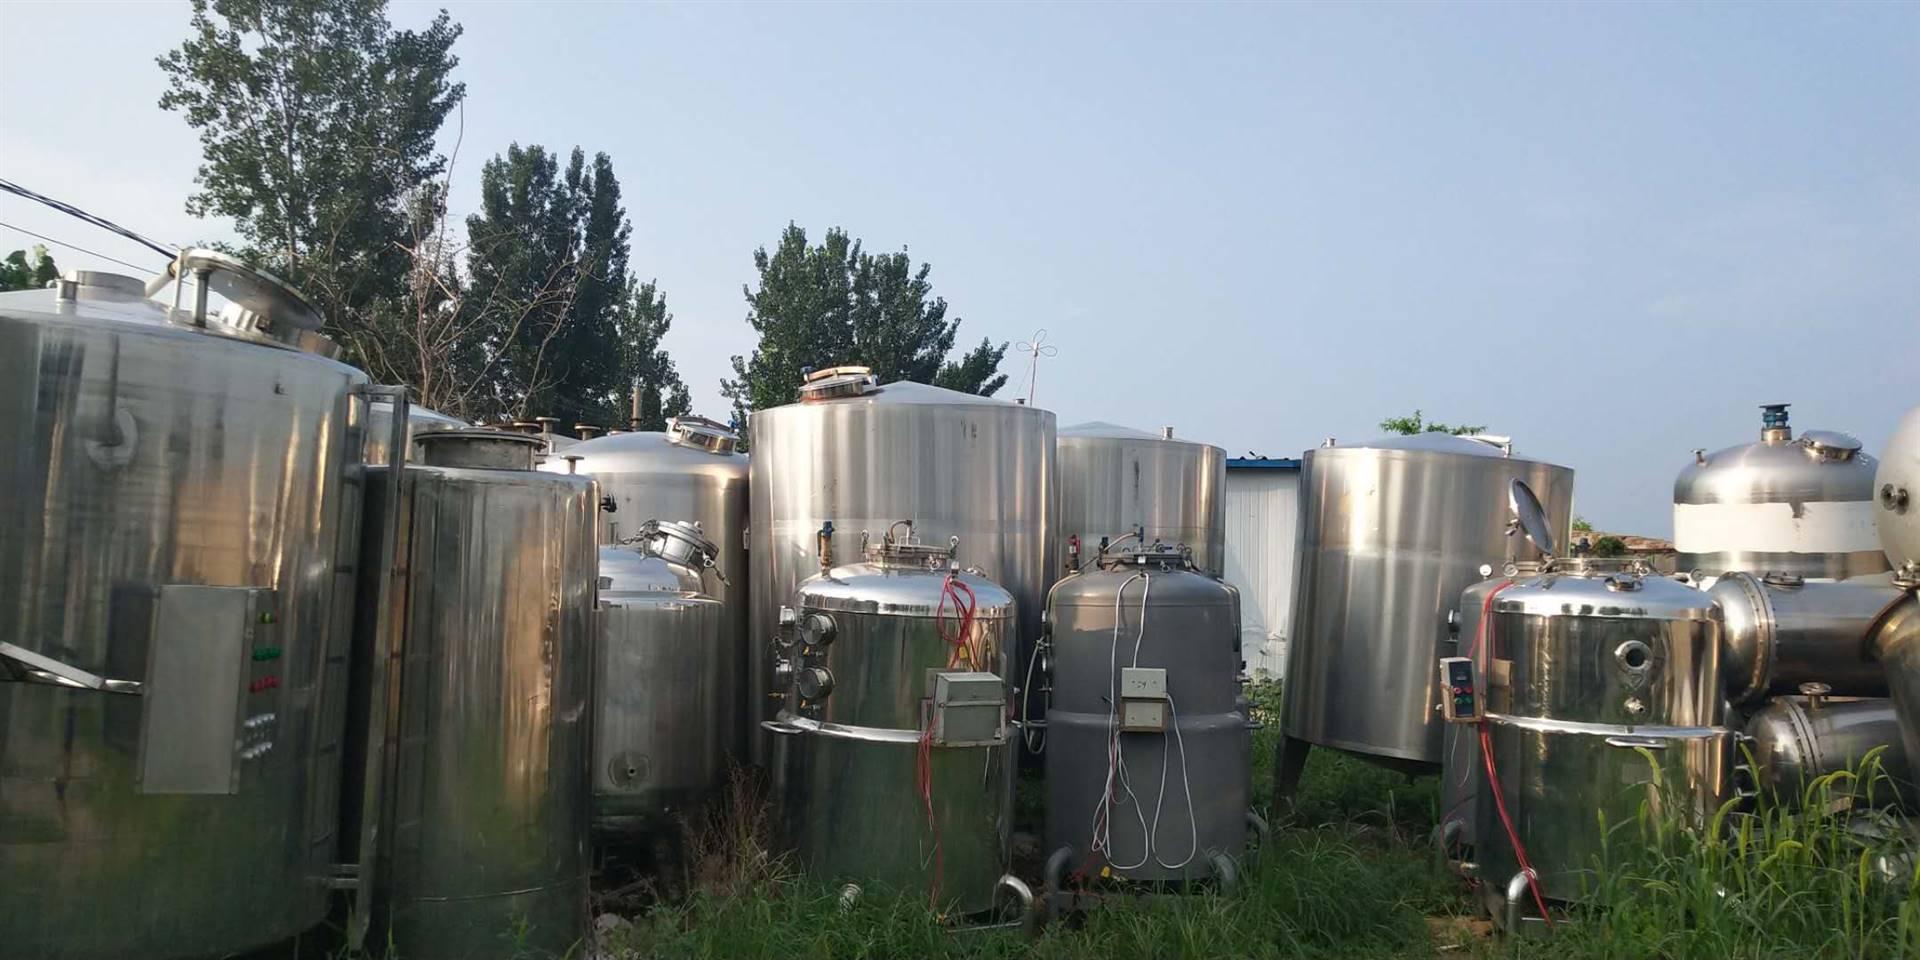 引不锈钢搅拌罐概述   定制不锈钢搅拌罐    不锈钢搅拌罐报价